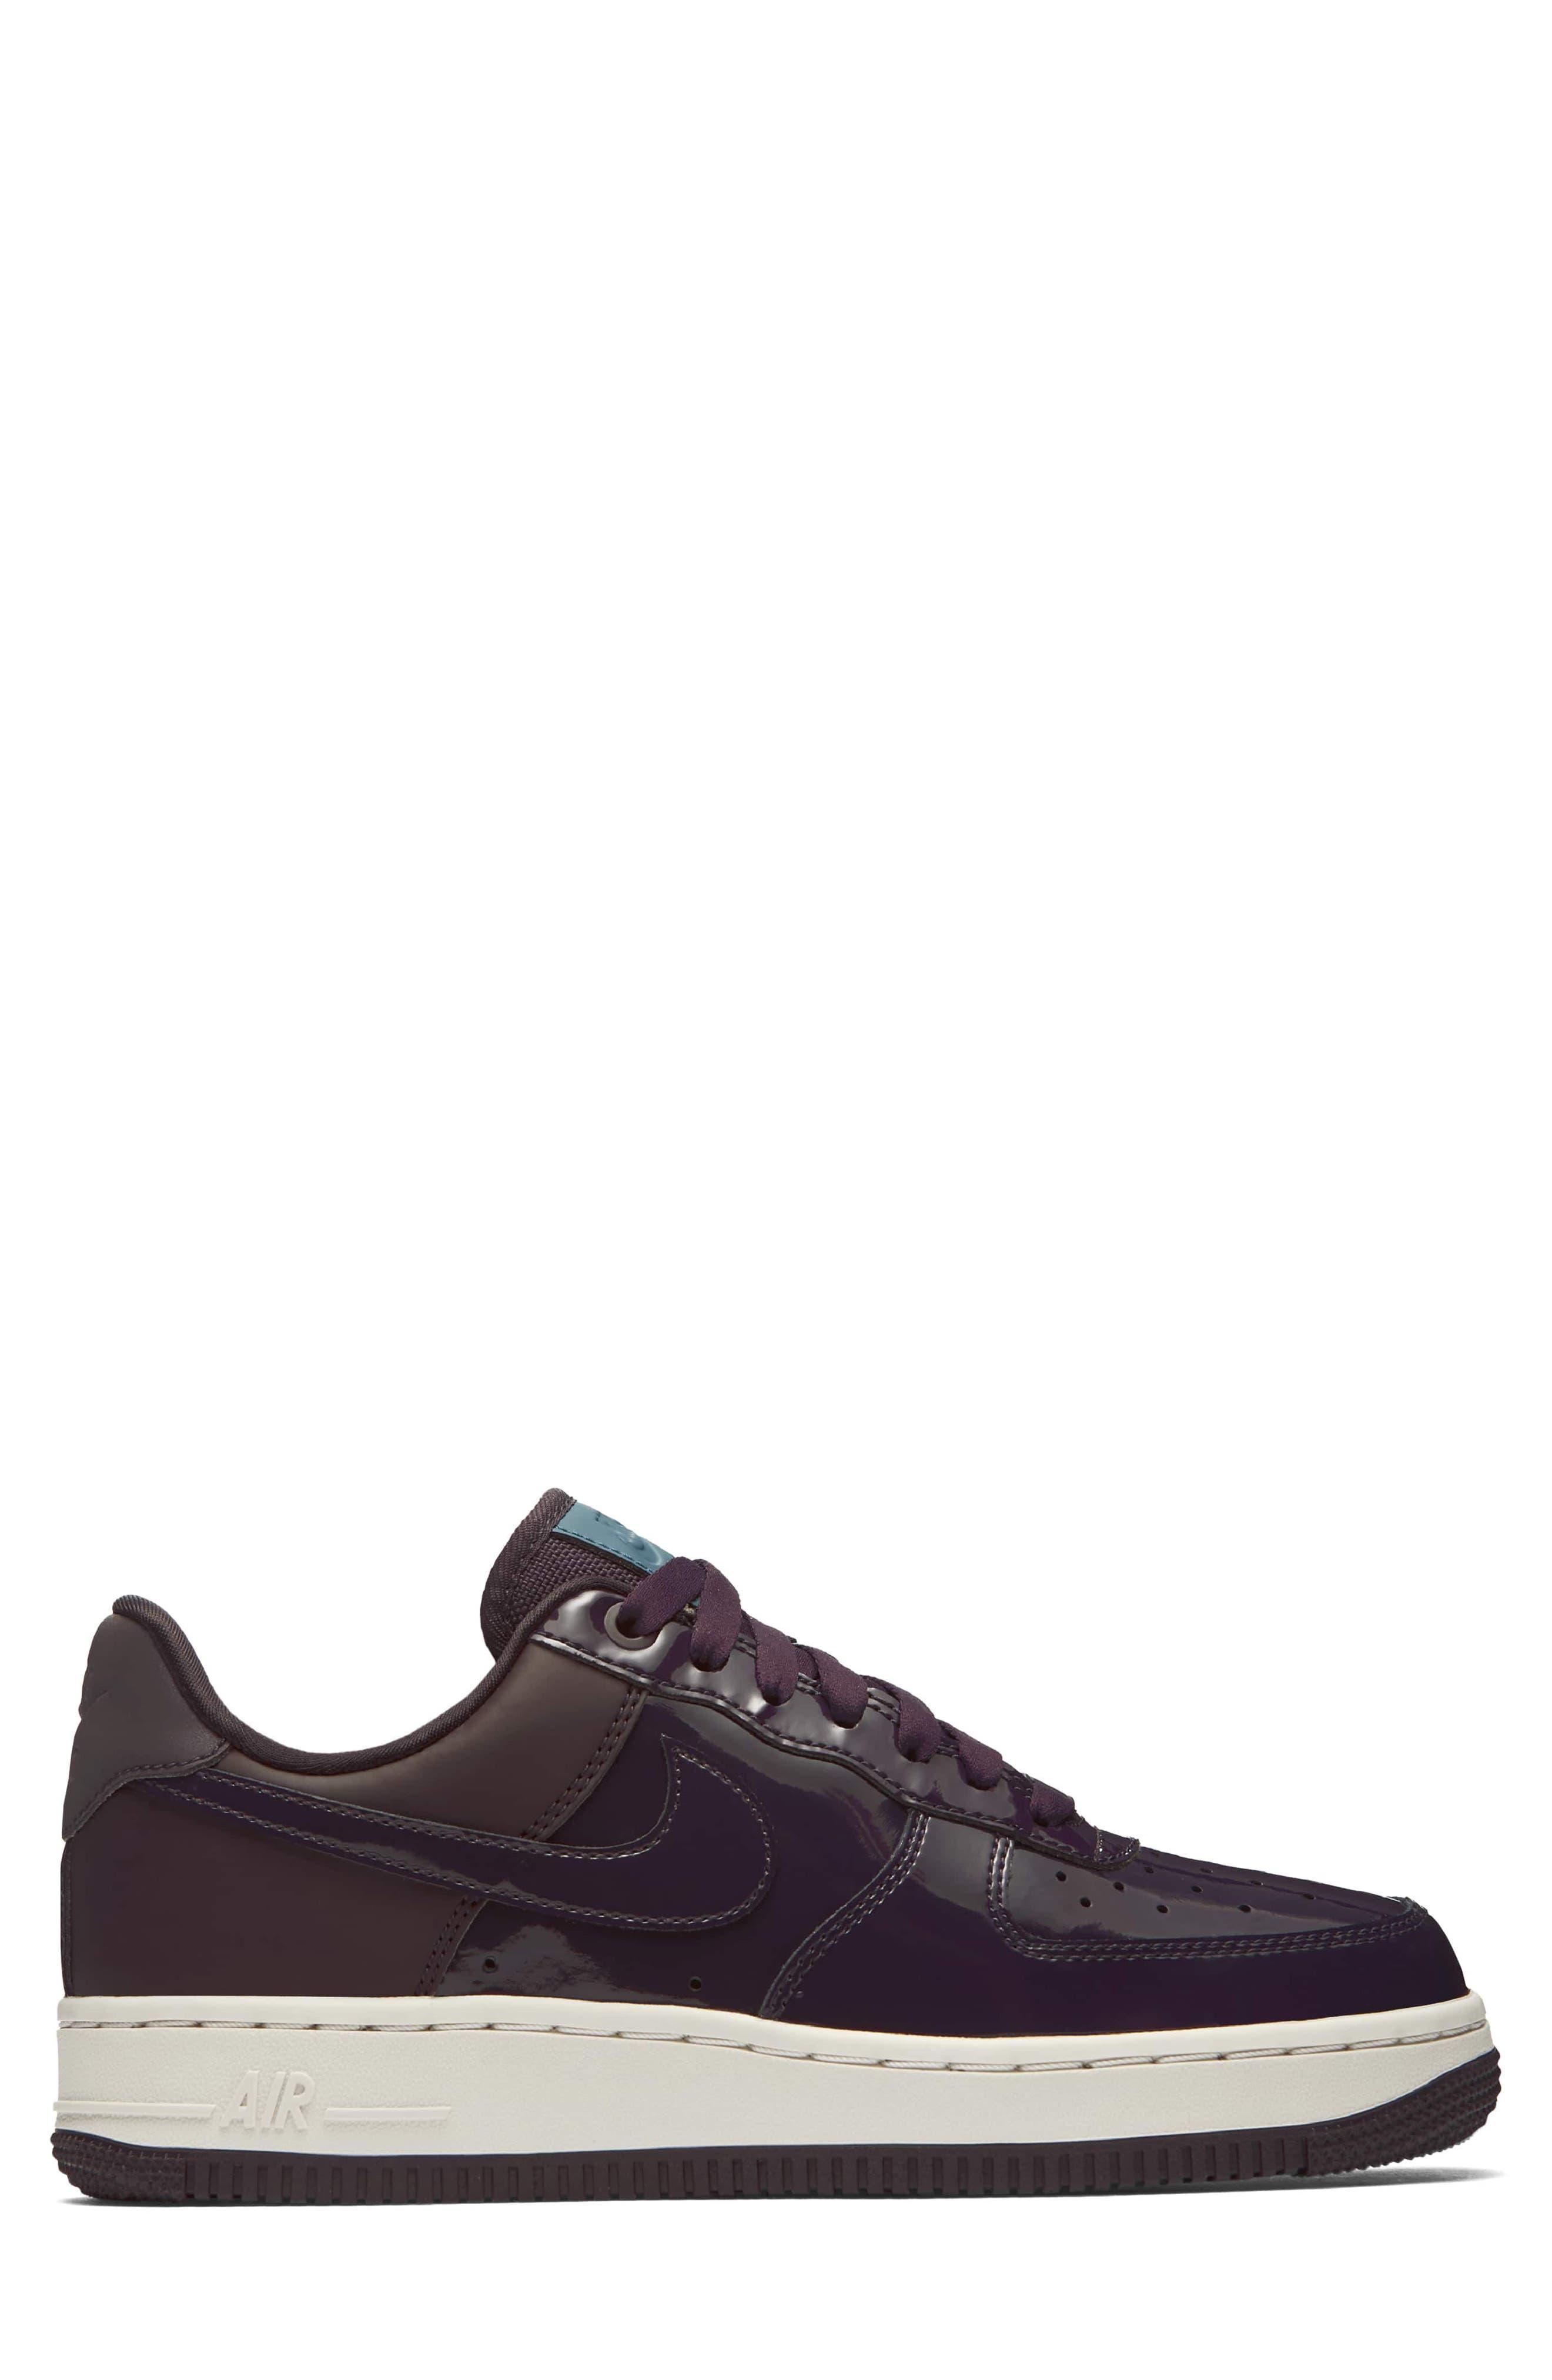 Alternate Image 2  - Nike Air Force 1 '07 SE Premium Sneaker (Women)